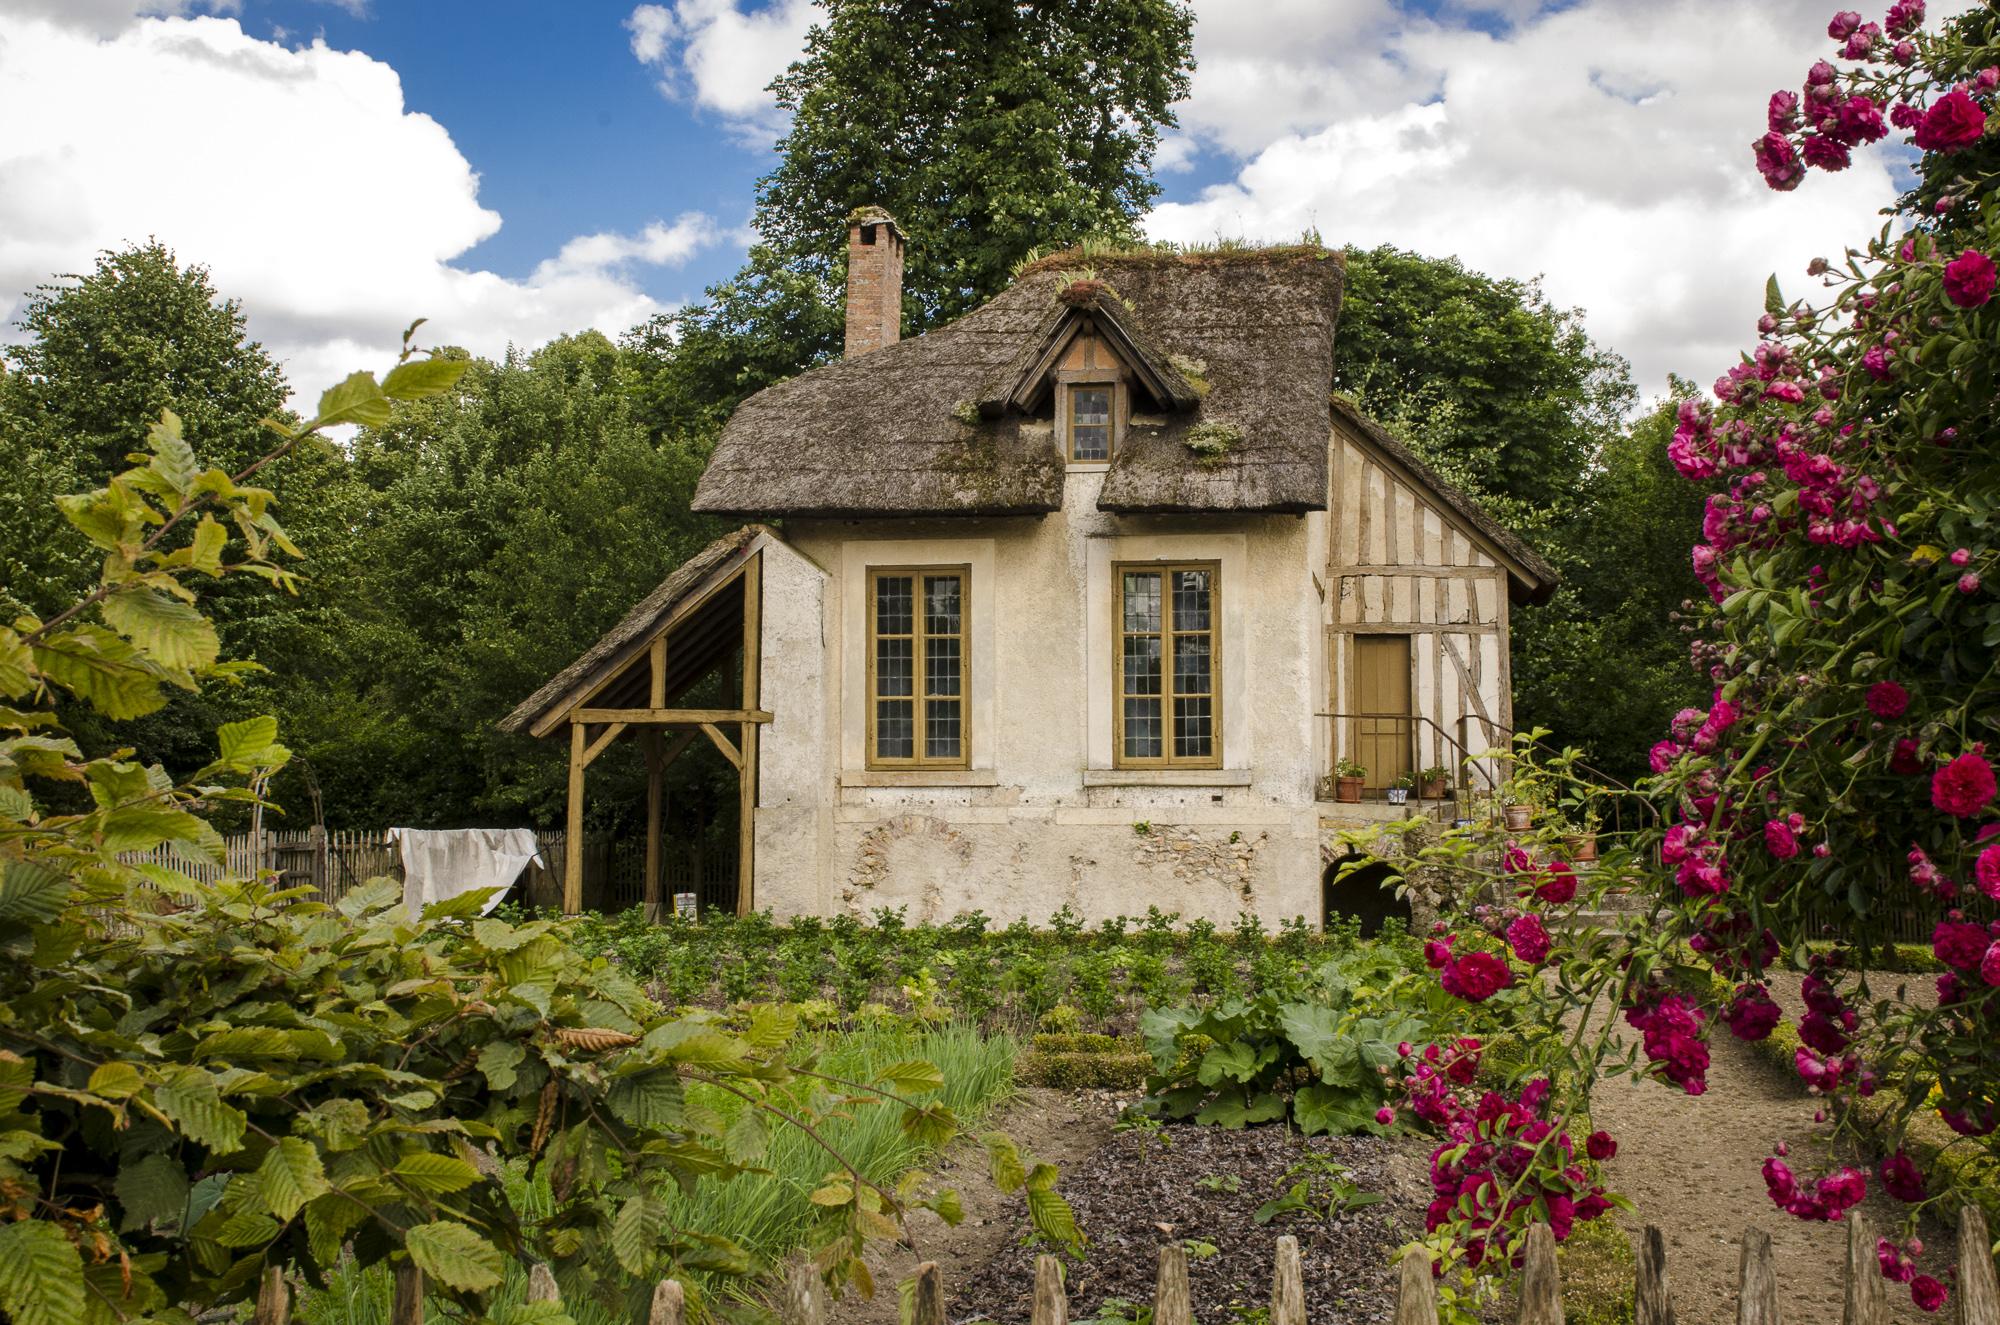 La maison du jardinier - Hameau de la Reine  PHOTOGRAPHY: ALEXANDER J.E. BRADLEY • NIKON D7000 • AF-S NIKKOR 24-70mm f/2.8G ED @ 26mm • Ƒ/16 • 1/80• ISO 400